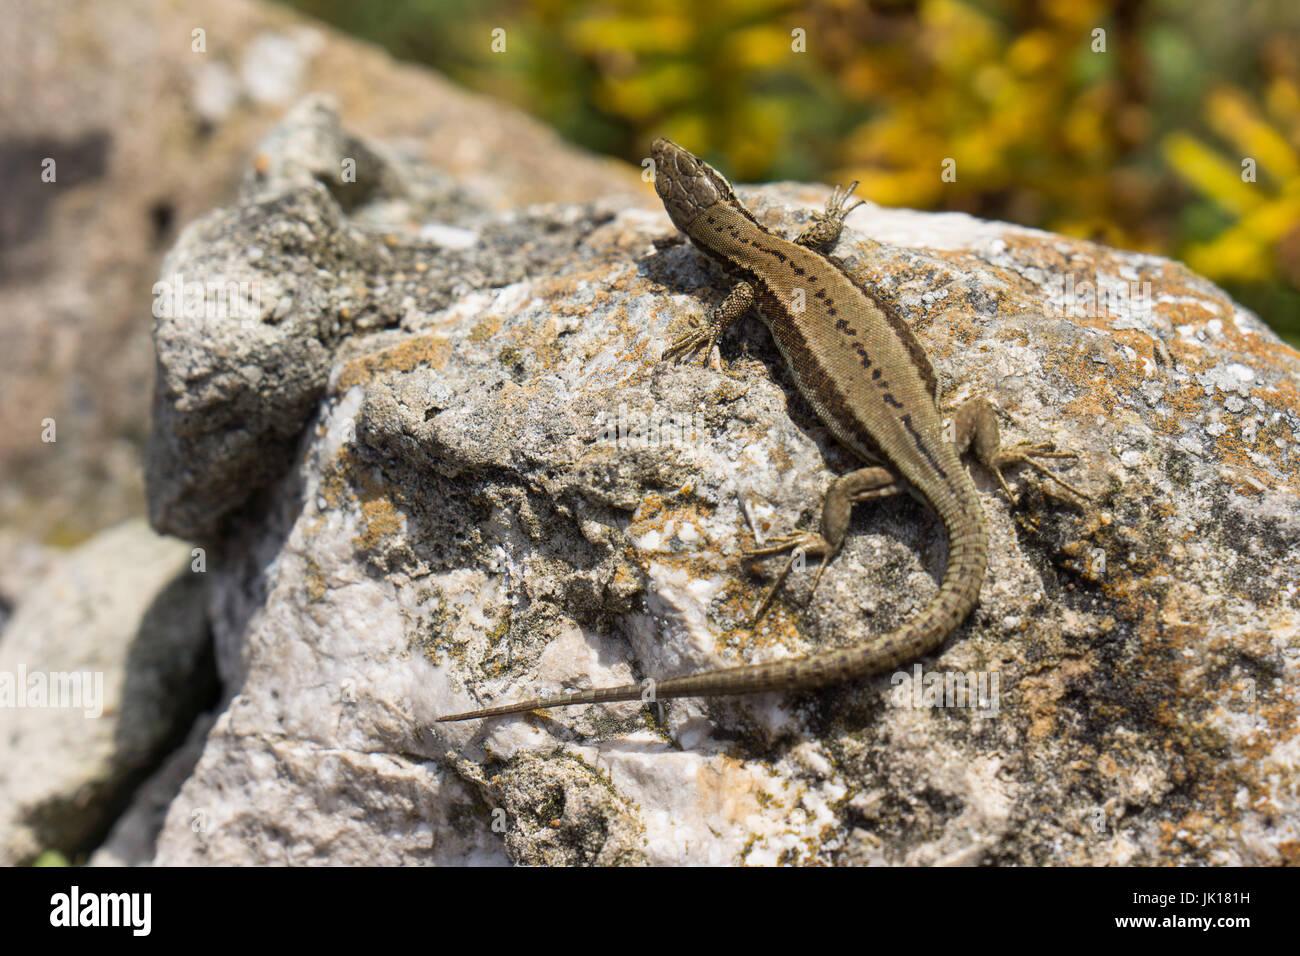 Comune Femmina o la lucertola vivipara (Zootoca vivipara) che è una lucertola eurasiatica come si trova nel nord della Spagna. Foto Stock